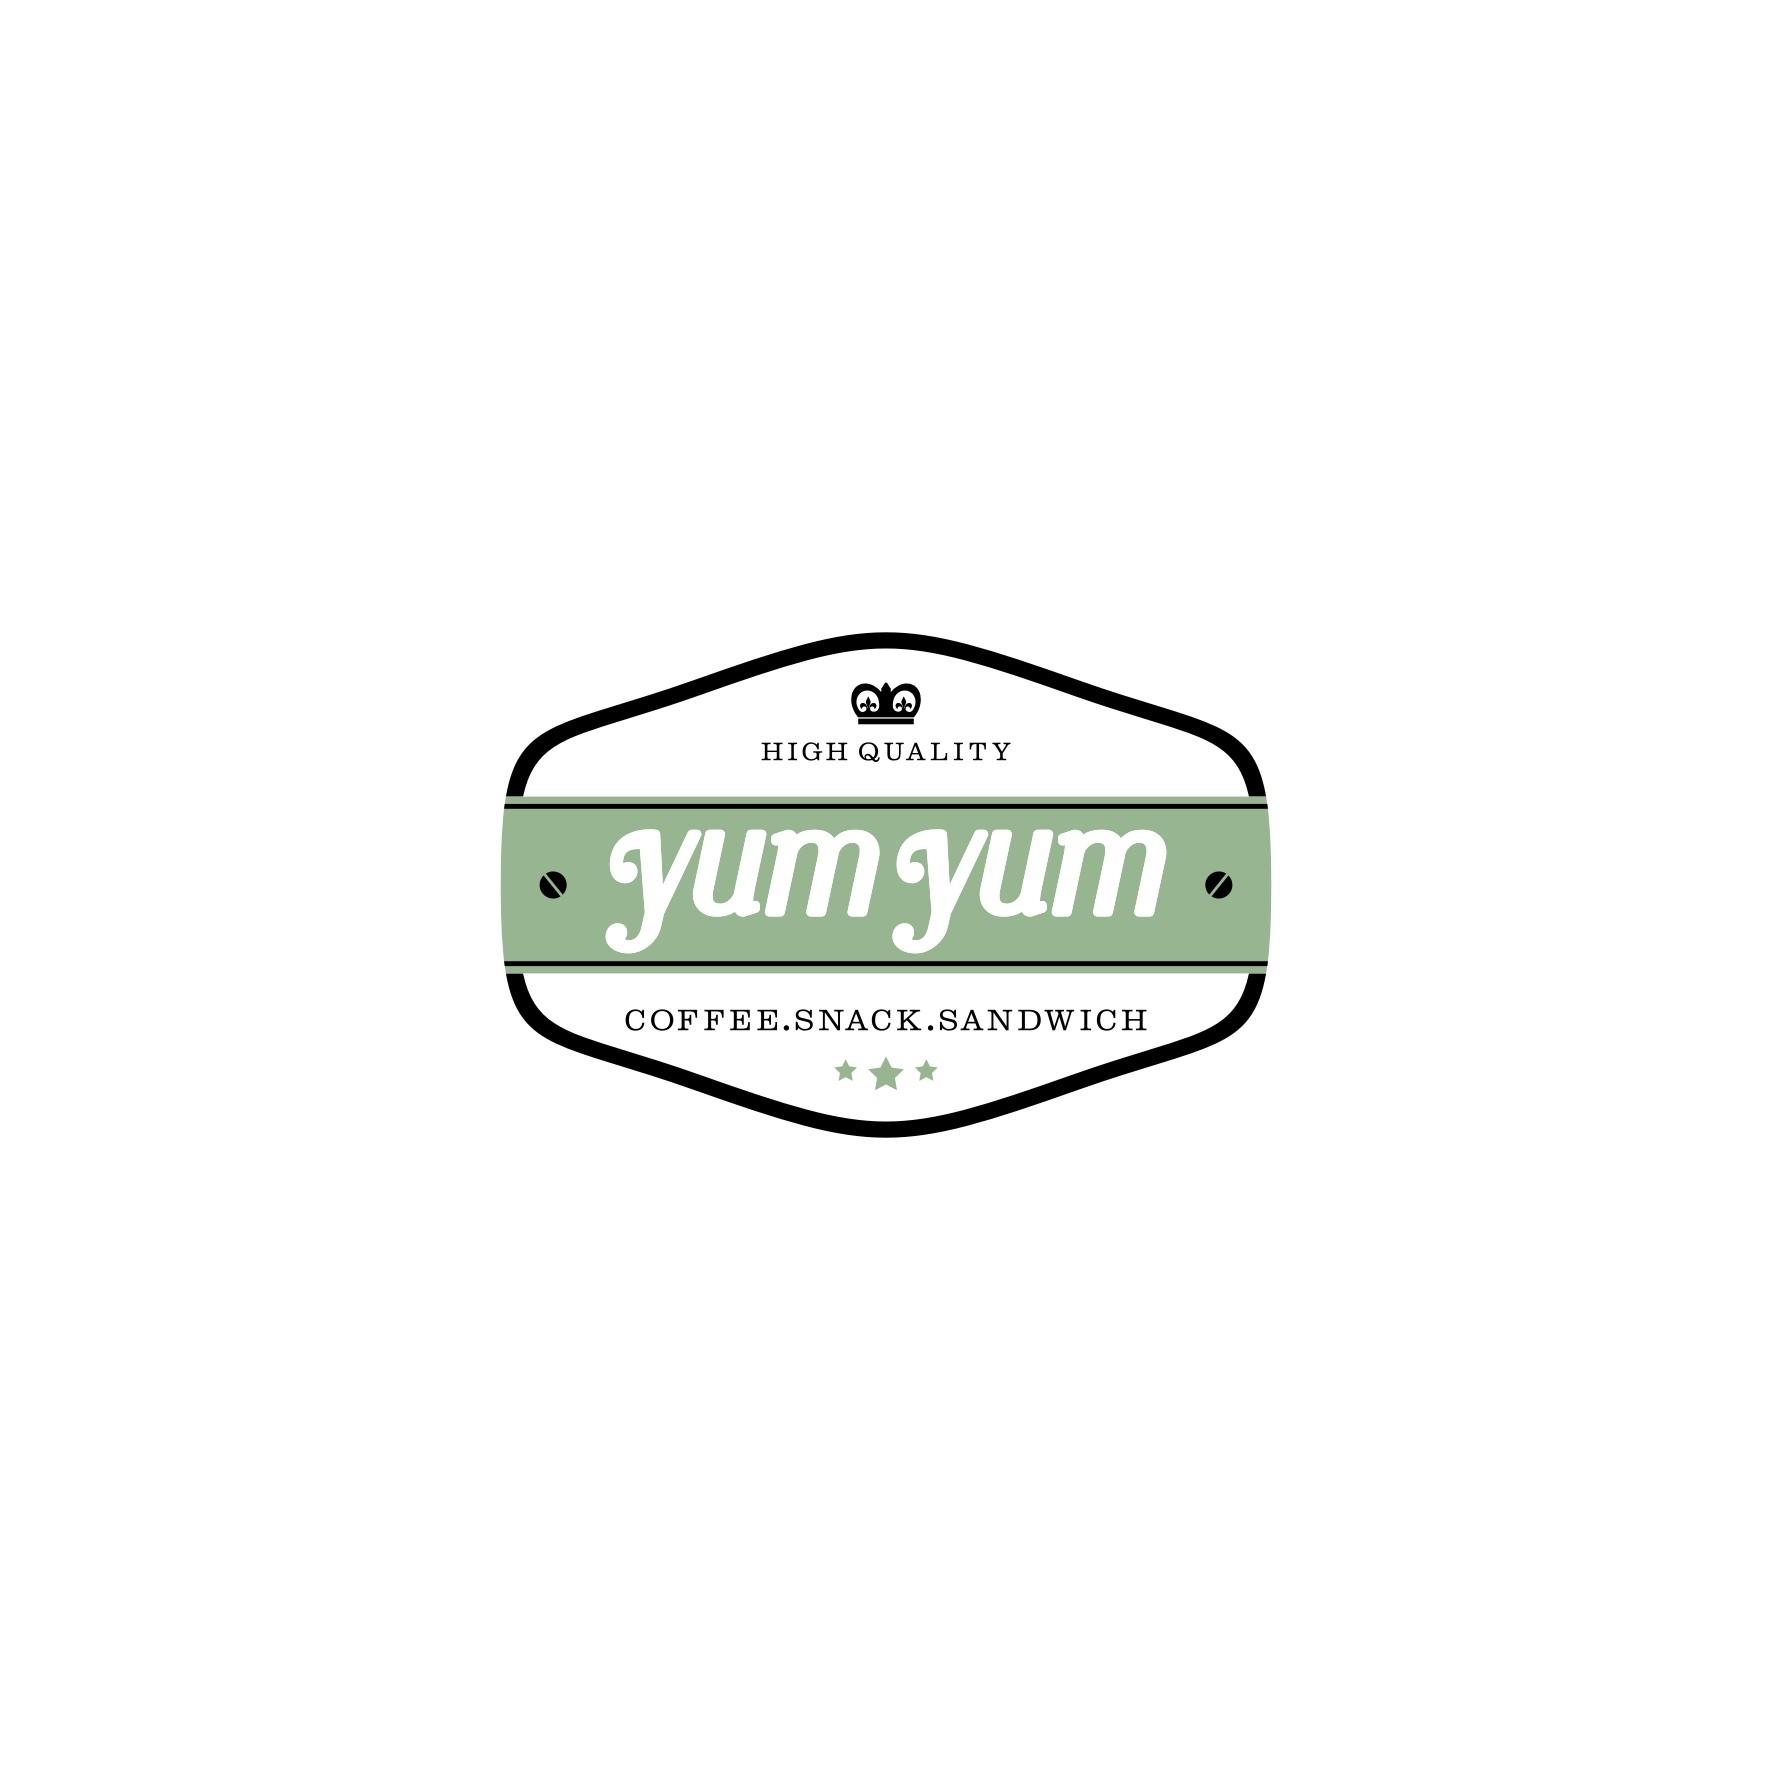 https://0501.nccdn.net/4_2/000/000/04d/e26/yumyum_by_koukida-1771x1771.jpg